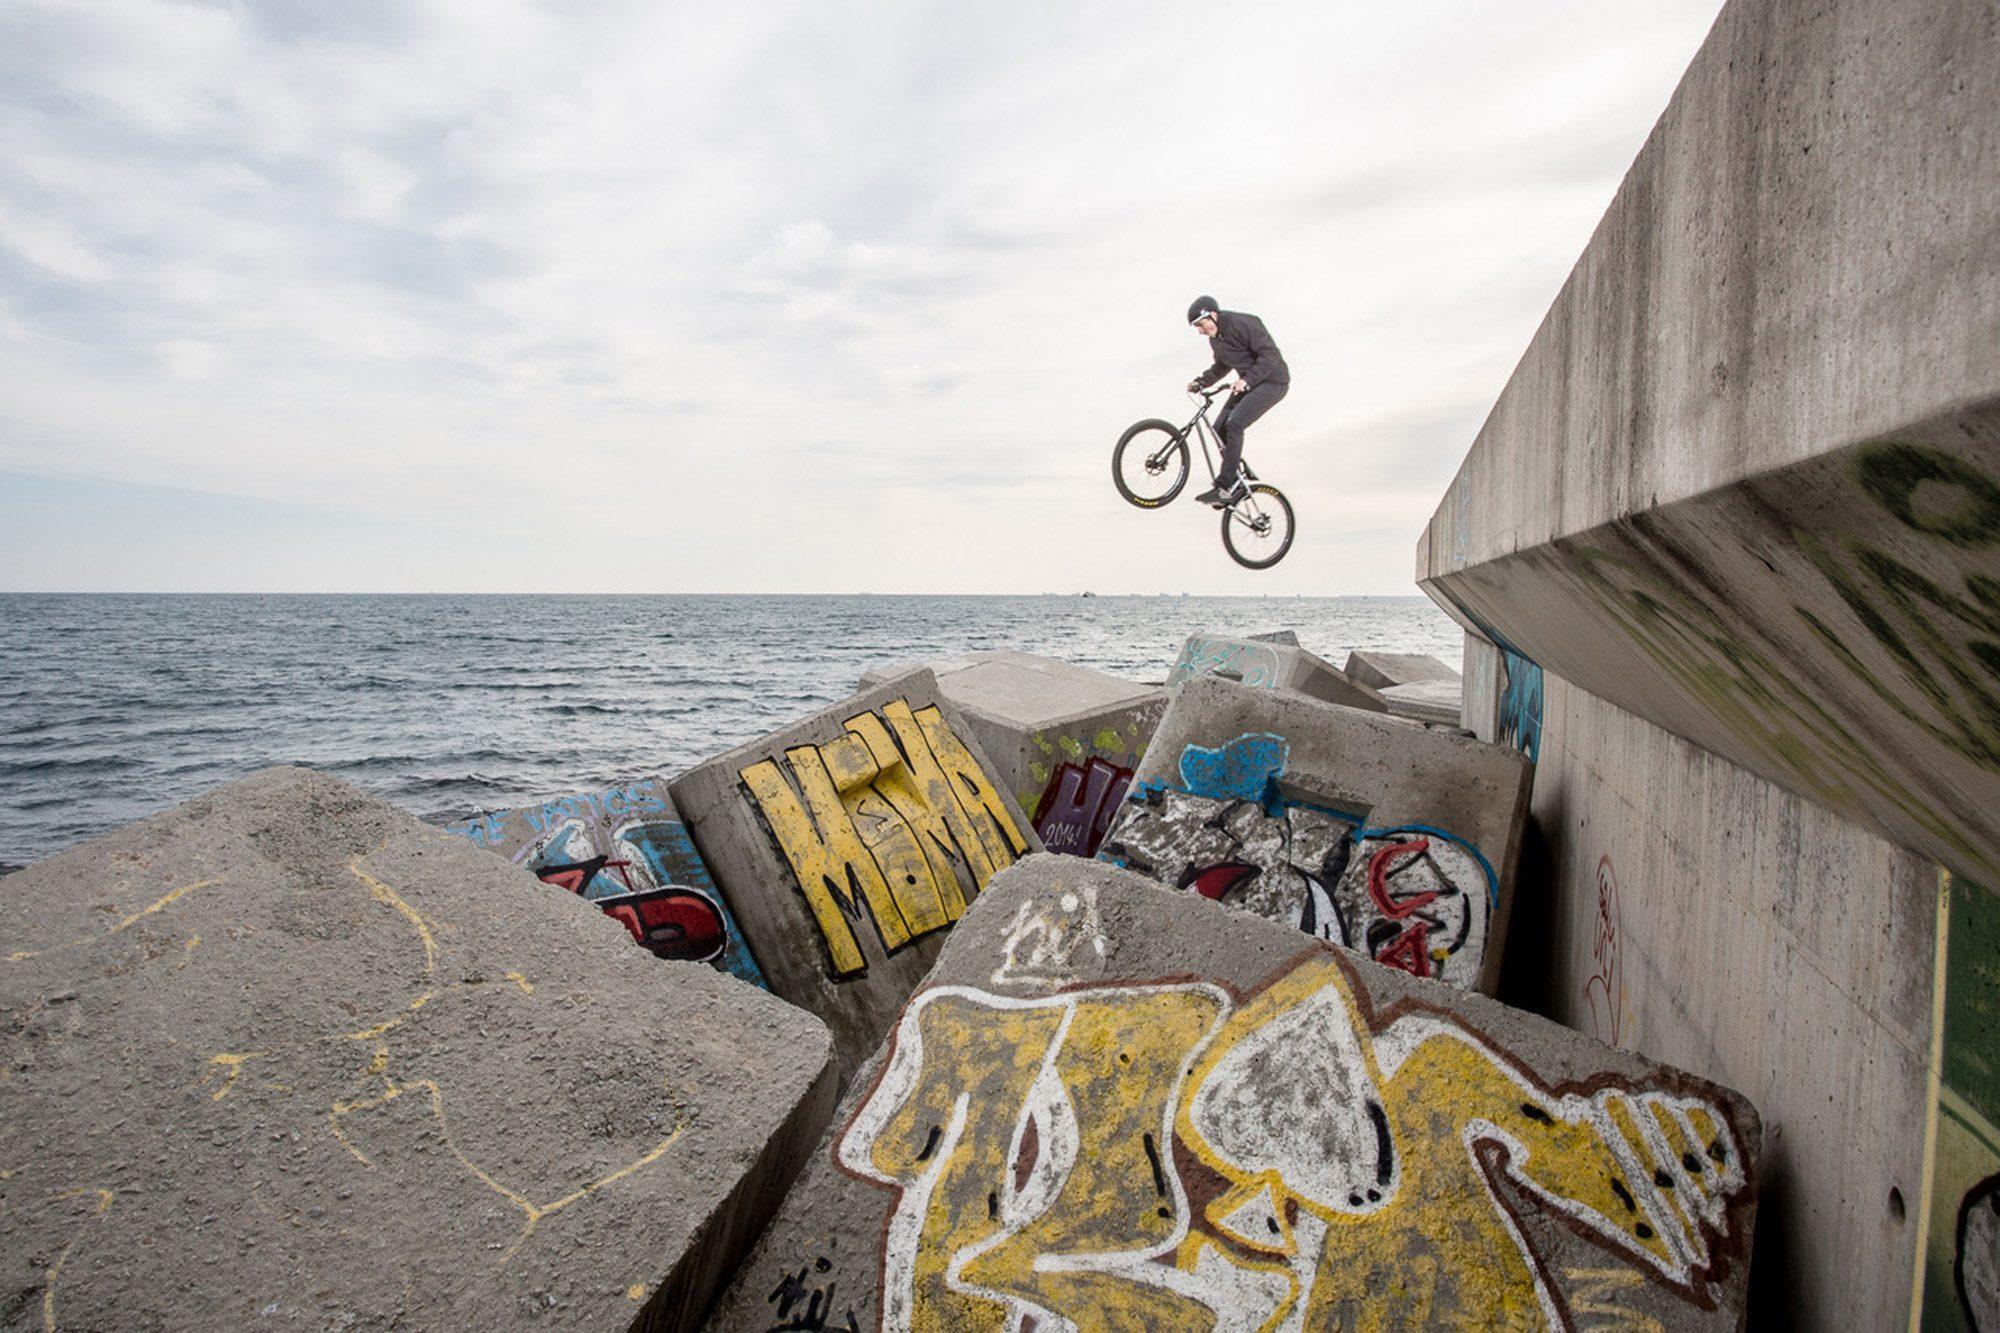 Dominik Raab springt auf Betonwürfel neben dem Meer